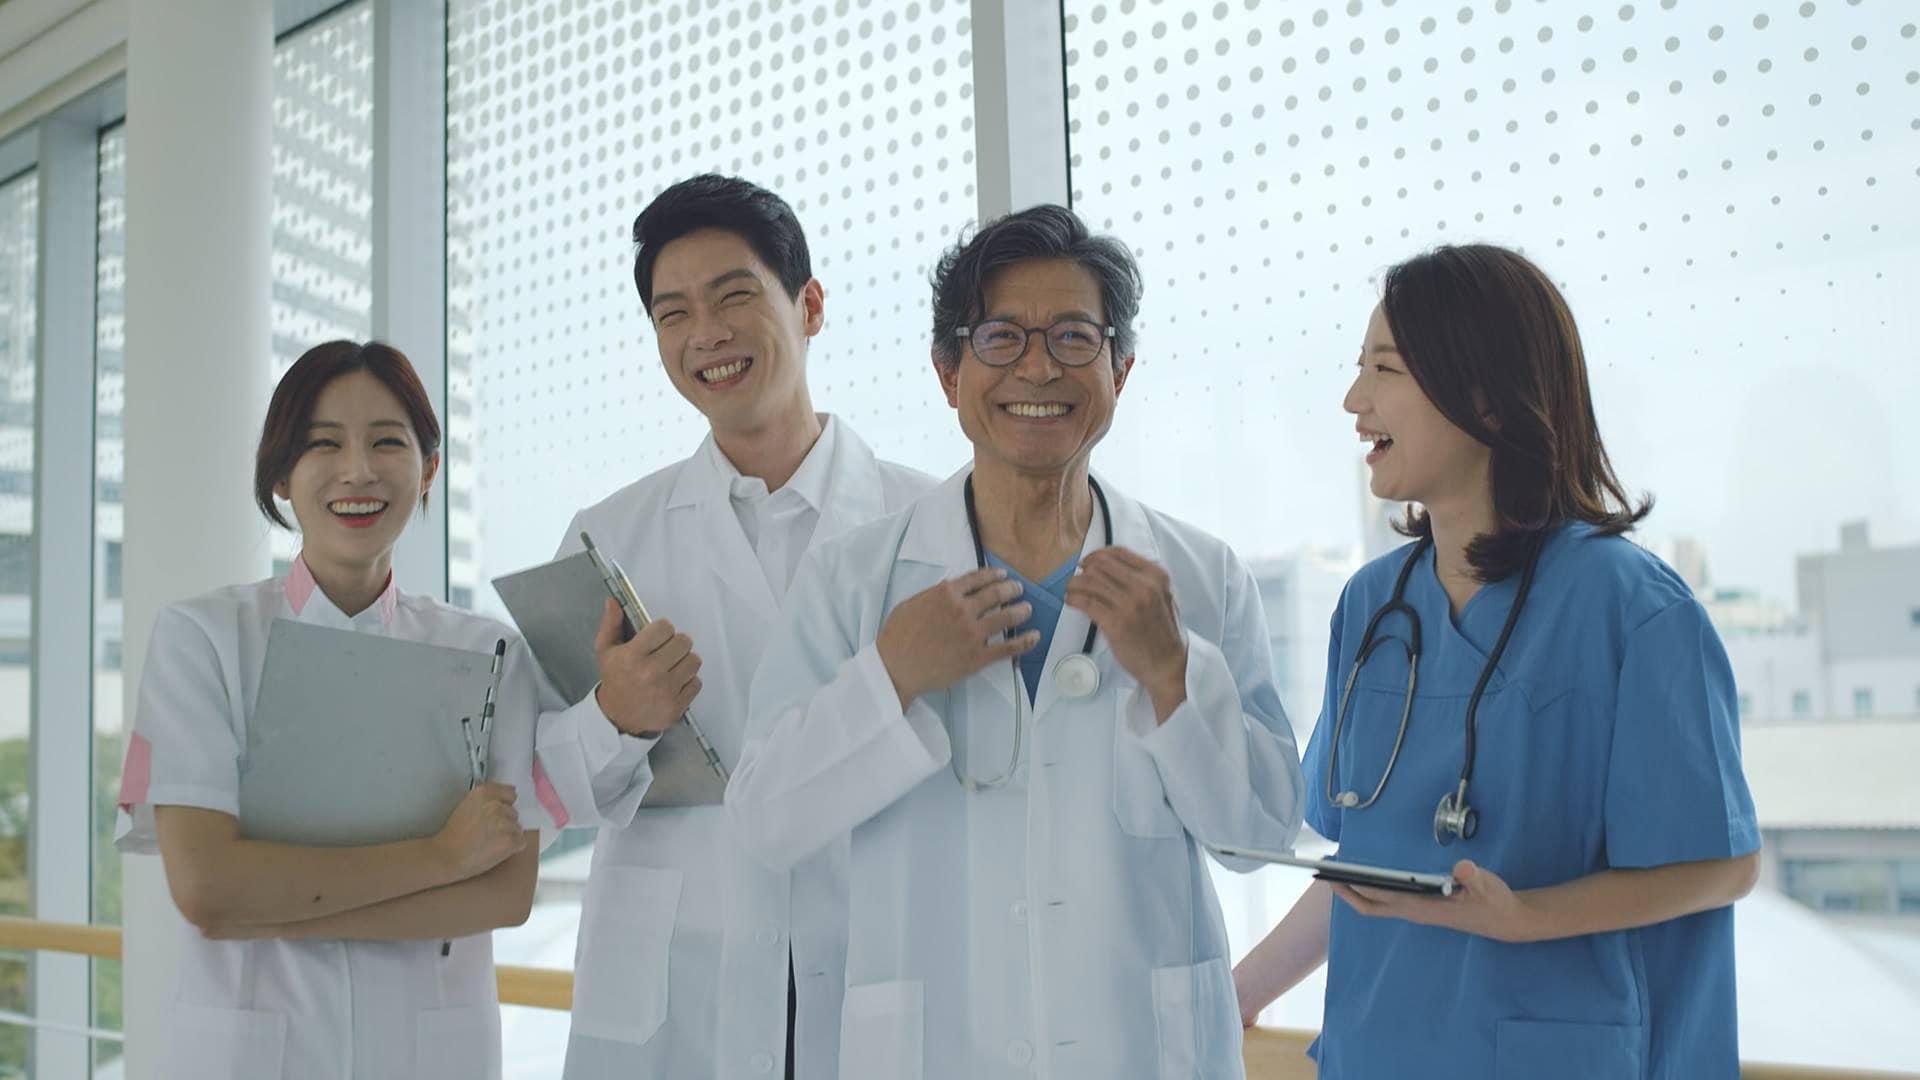 دراسة الطب في كوريا الجنوبية